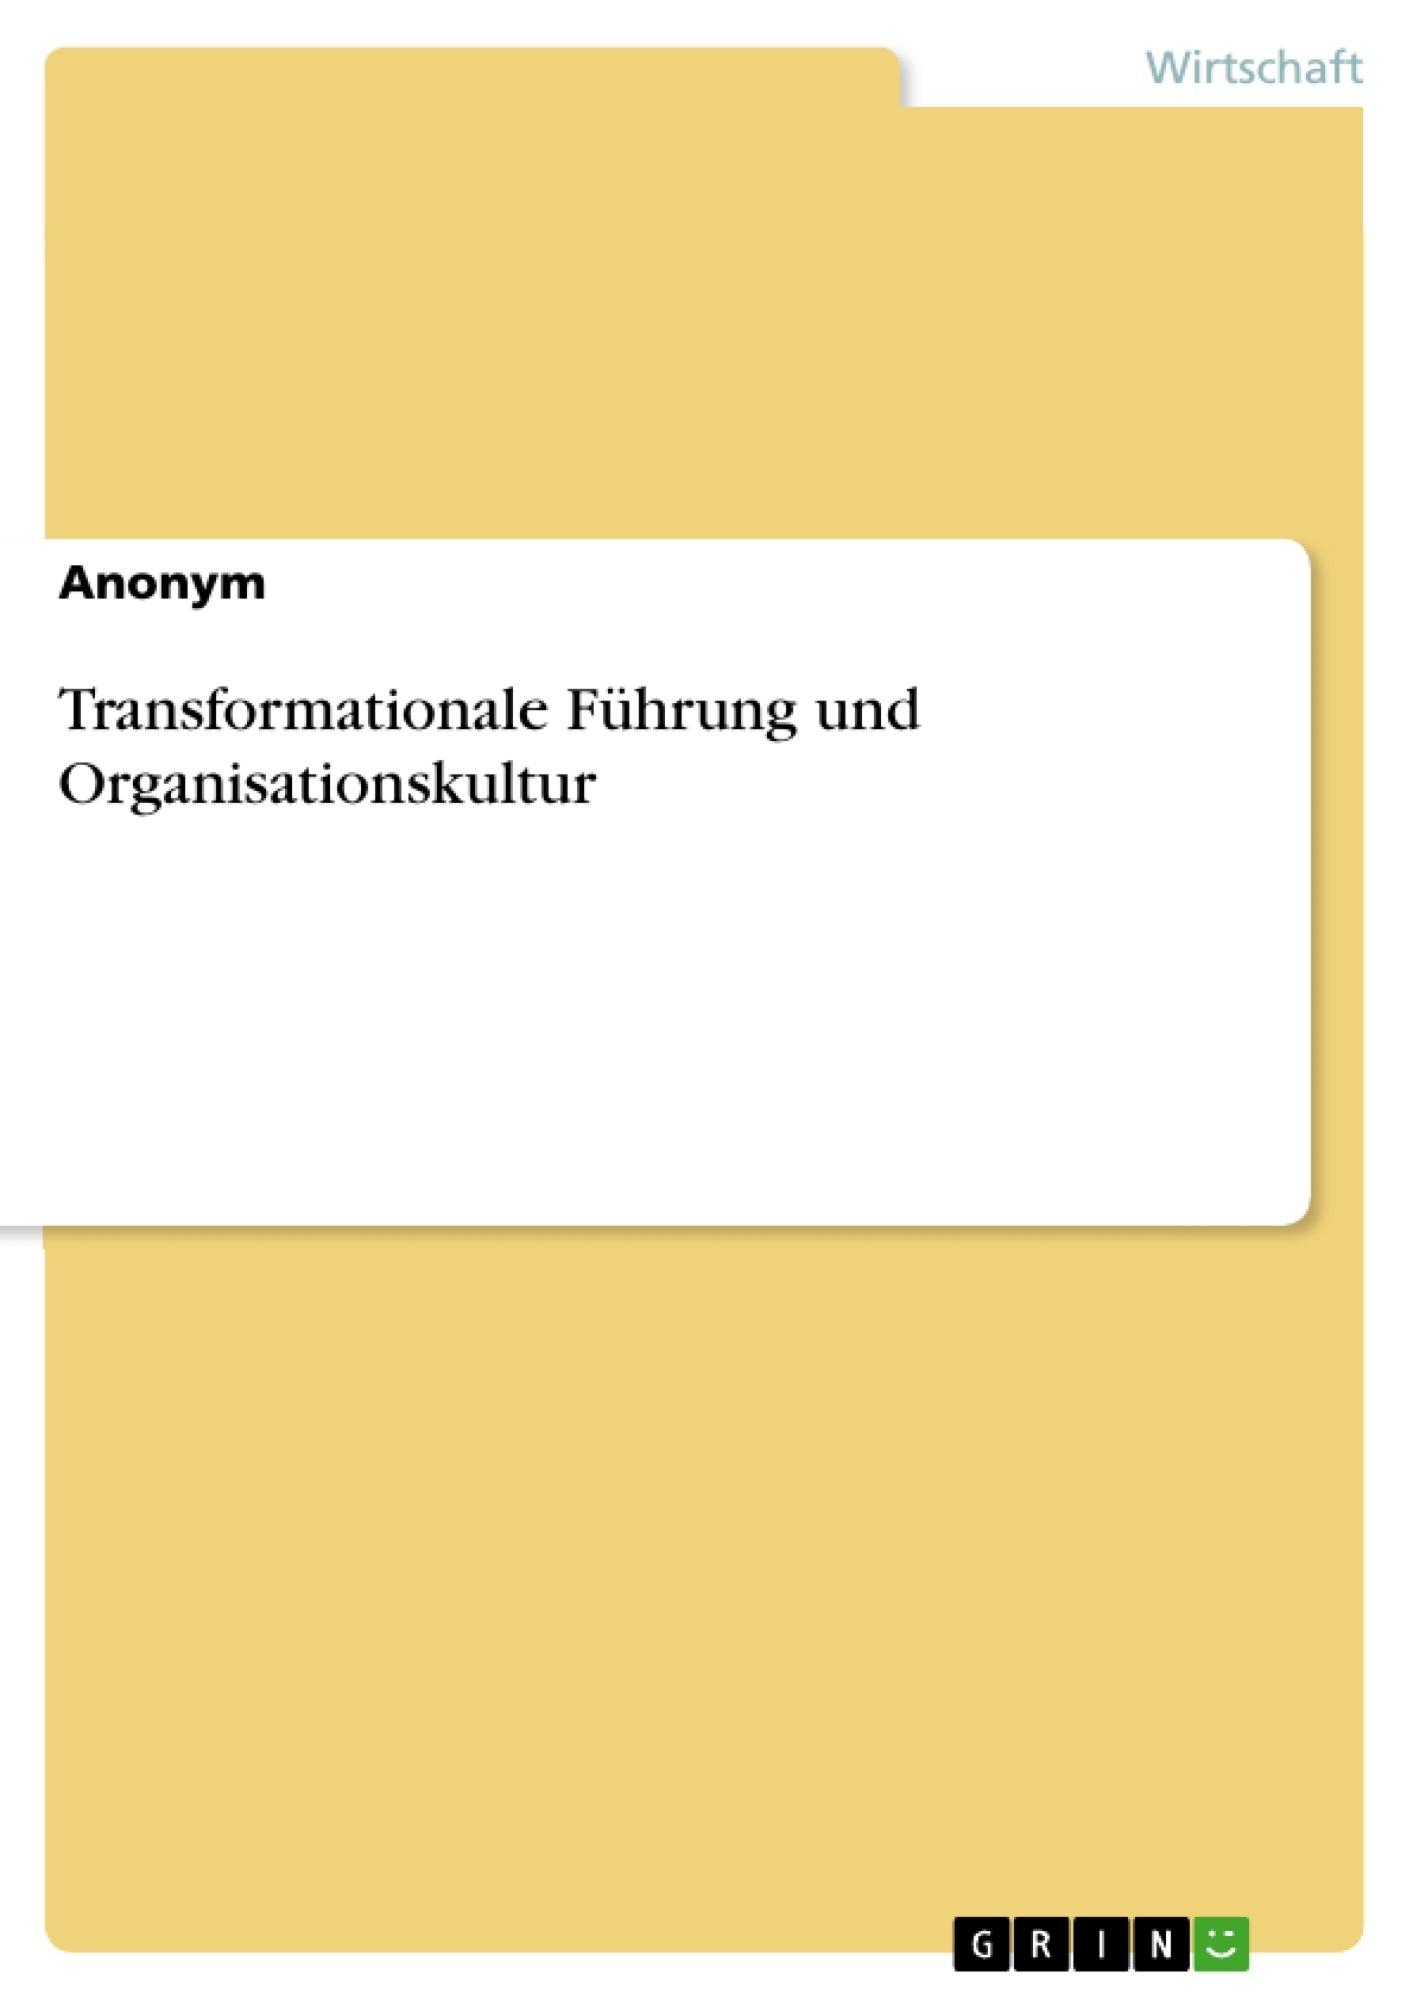 Titel: Transformationale Führung und Organisationskultur